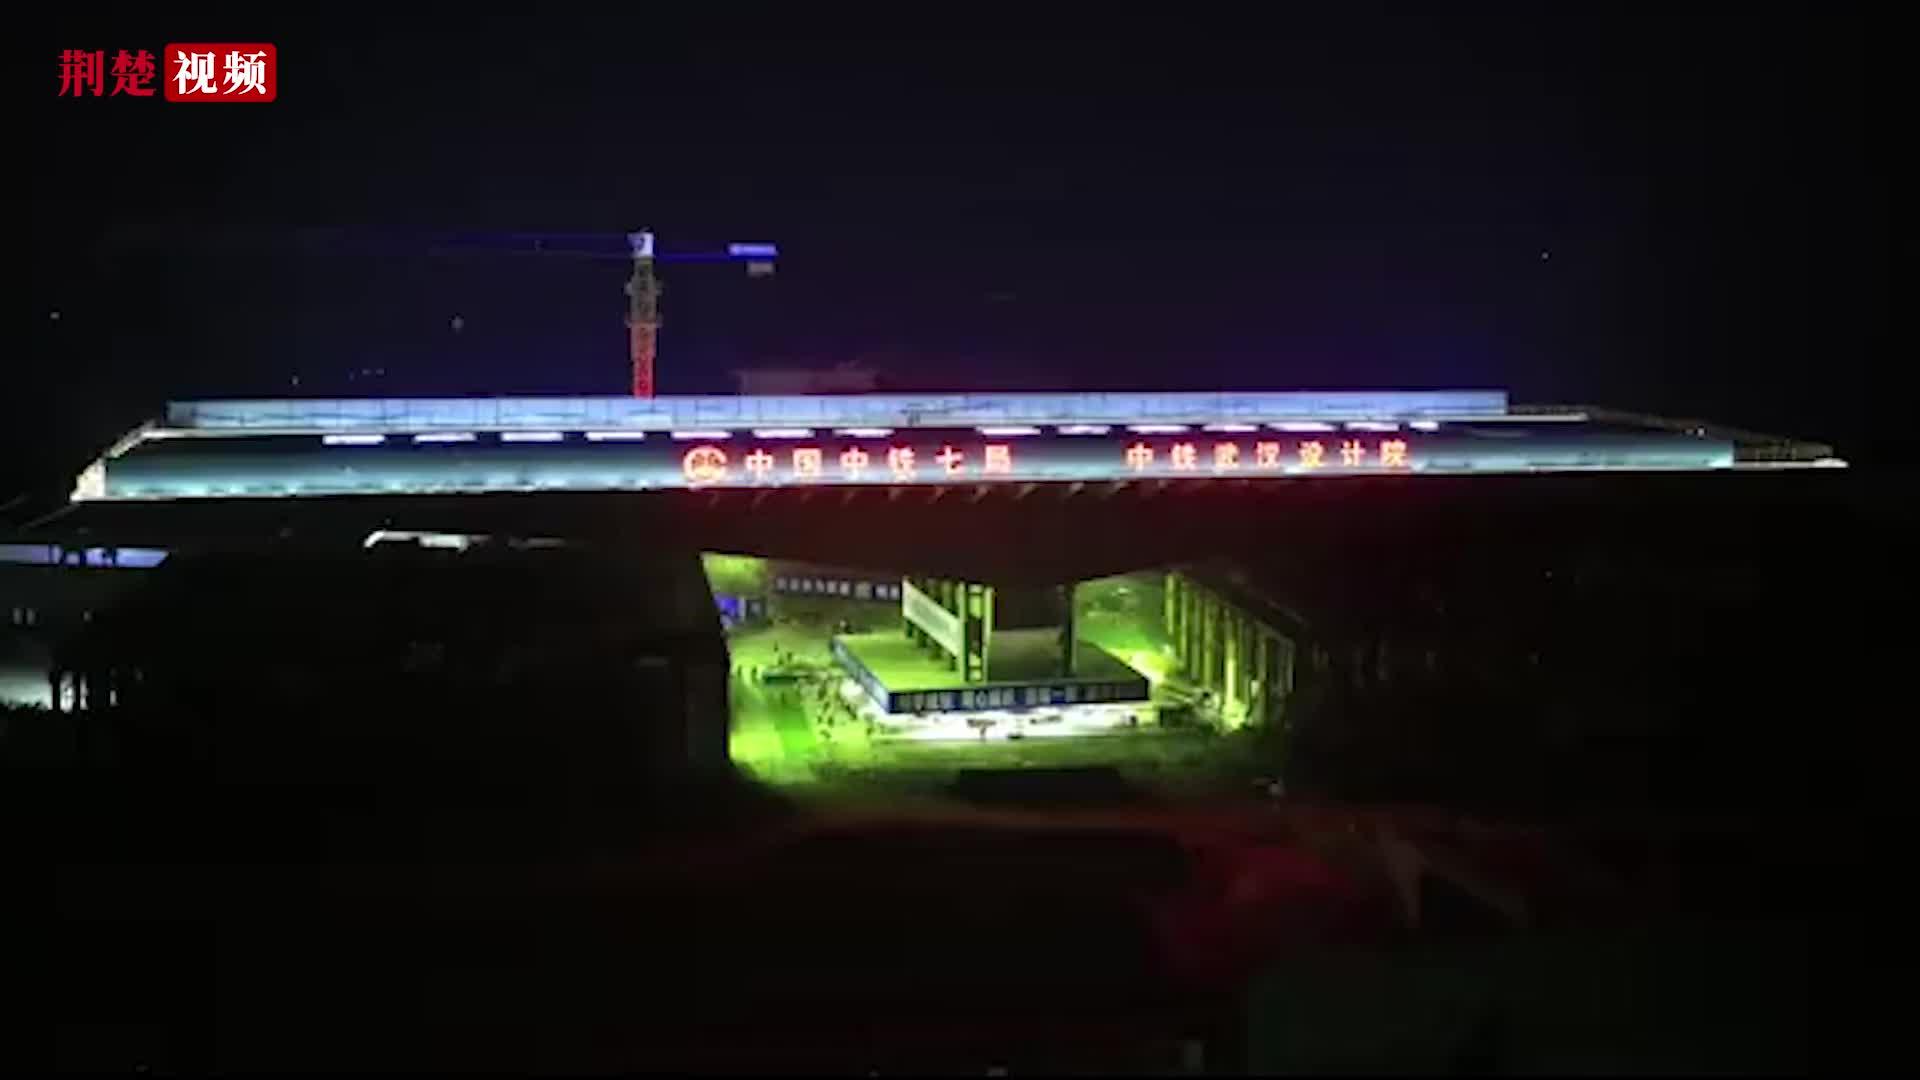 【荆楚拍客】武汉北四环3.3万吨桥墩空中转体 是世界最重单座连续梁转体桥